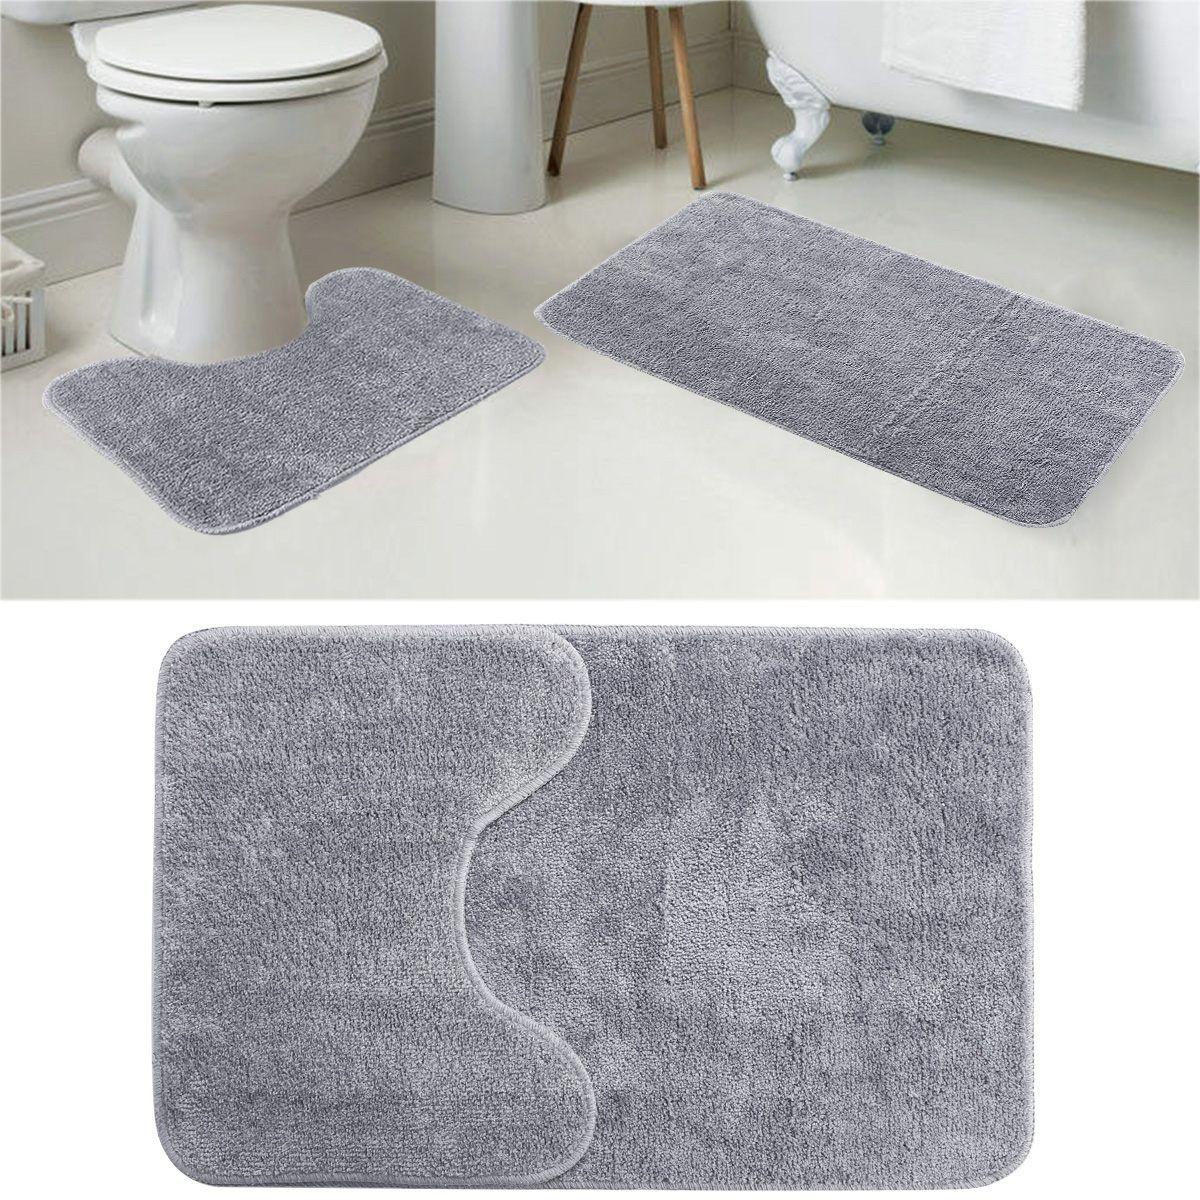 7 Er Set Grau Badvorleger Badematte Badteppich Badezimmer Teppich Eintagamsee Badematte Badteppich Badvorleger